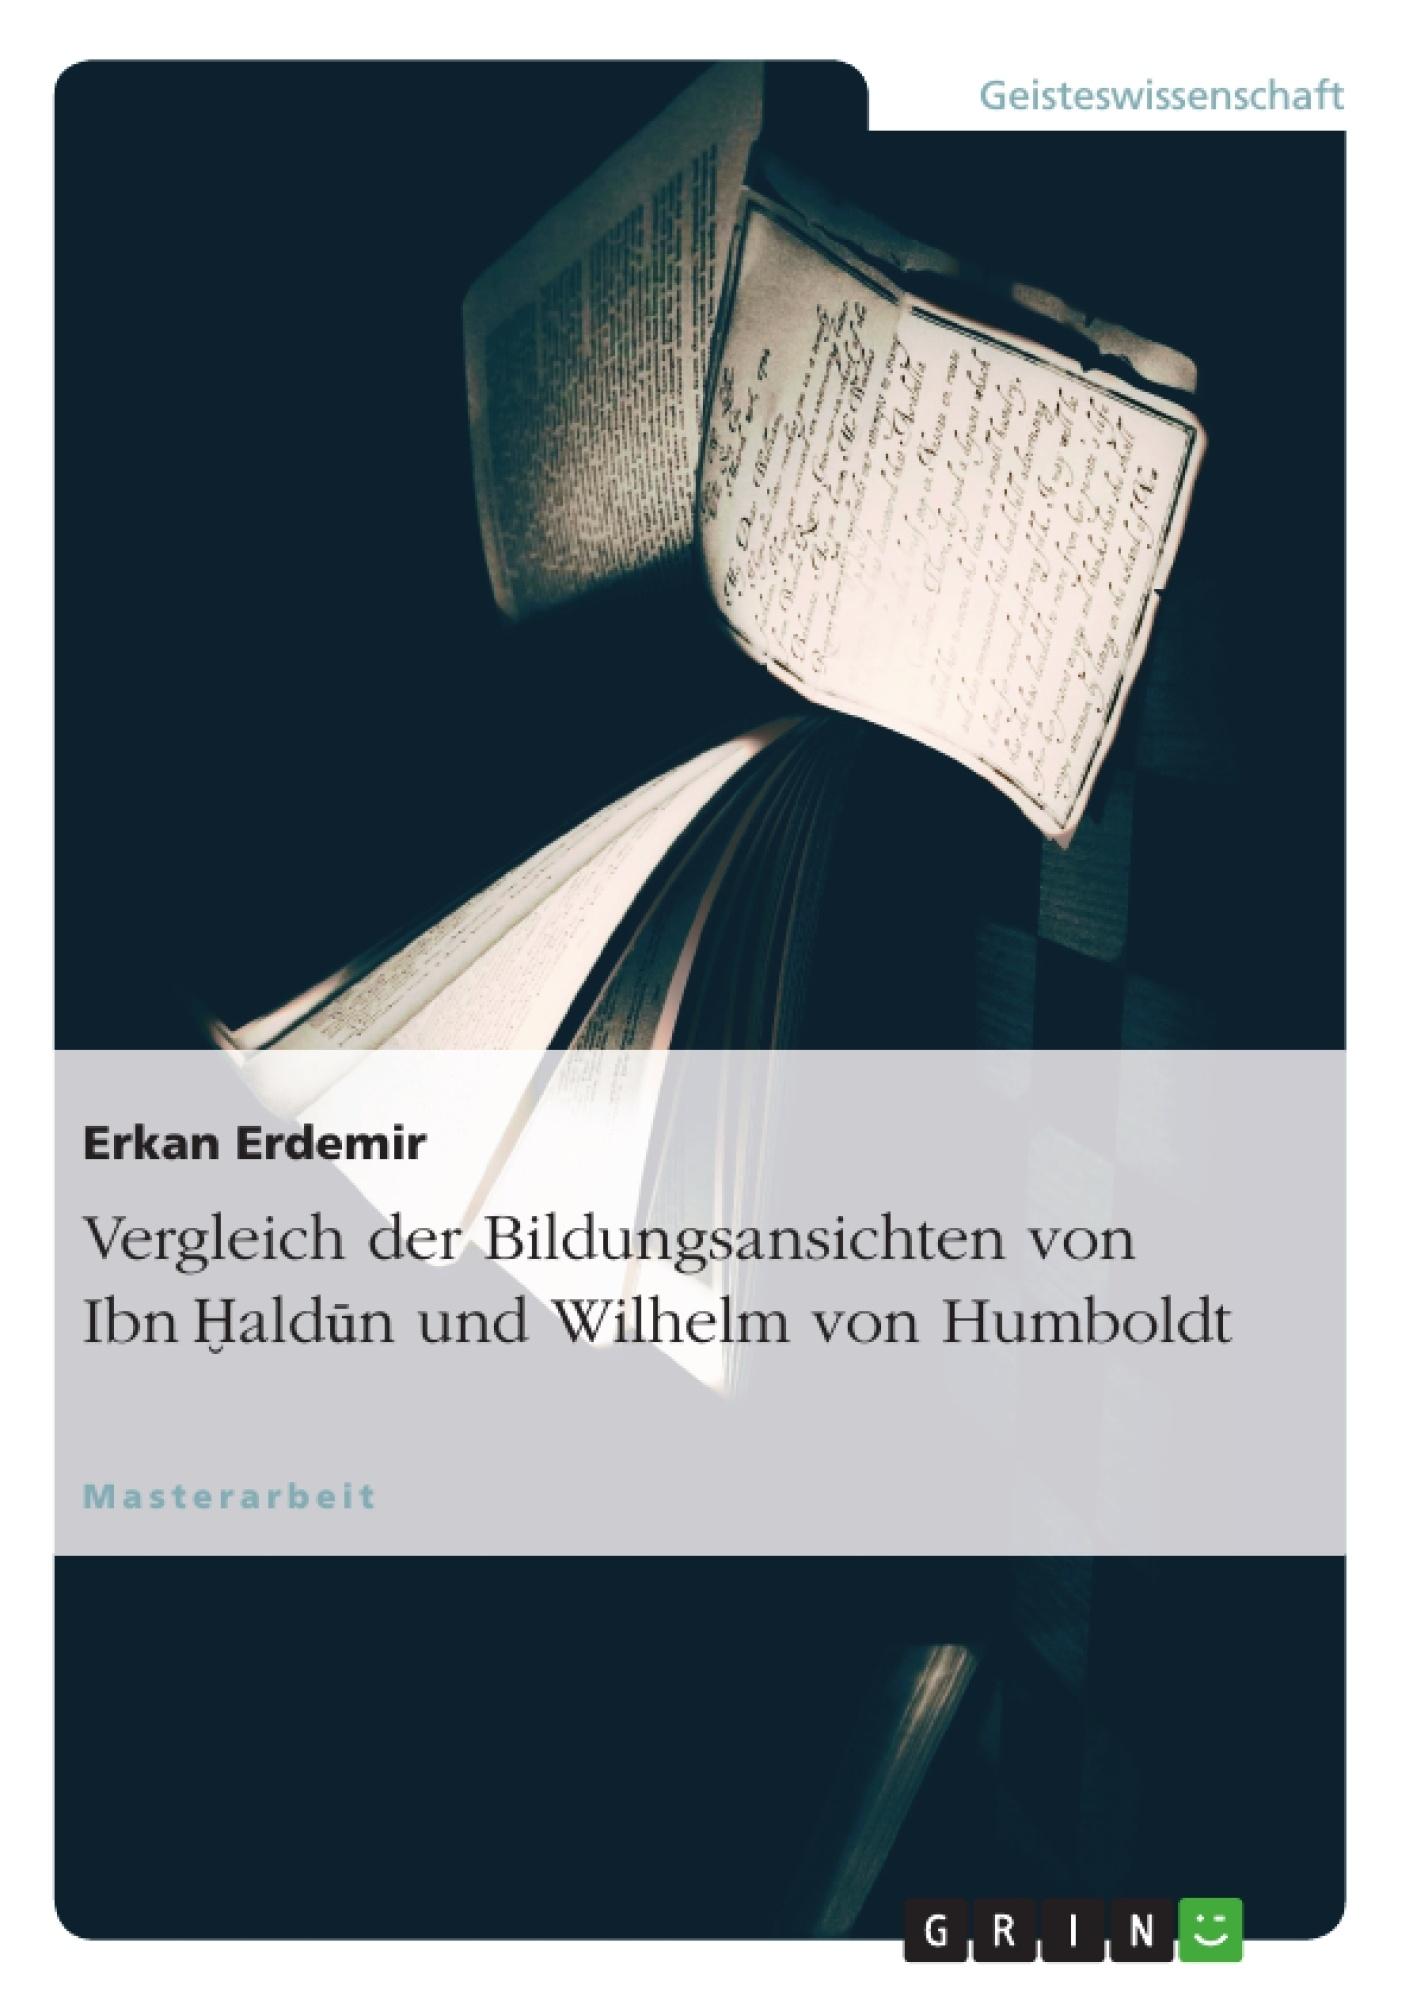 Titel: Vergleich der Bildungsansichten von Ibn Haldun und Wilhelm von Humboldt